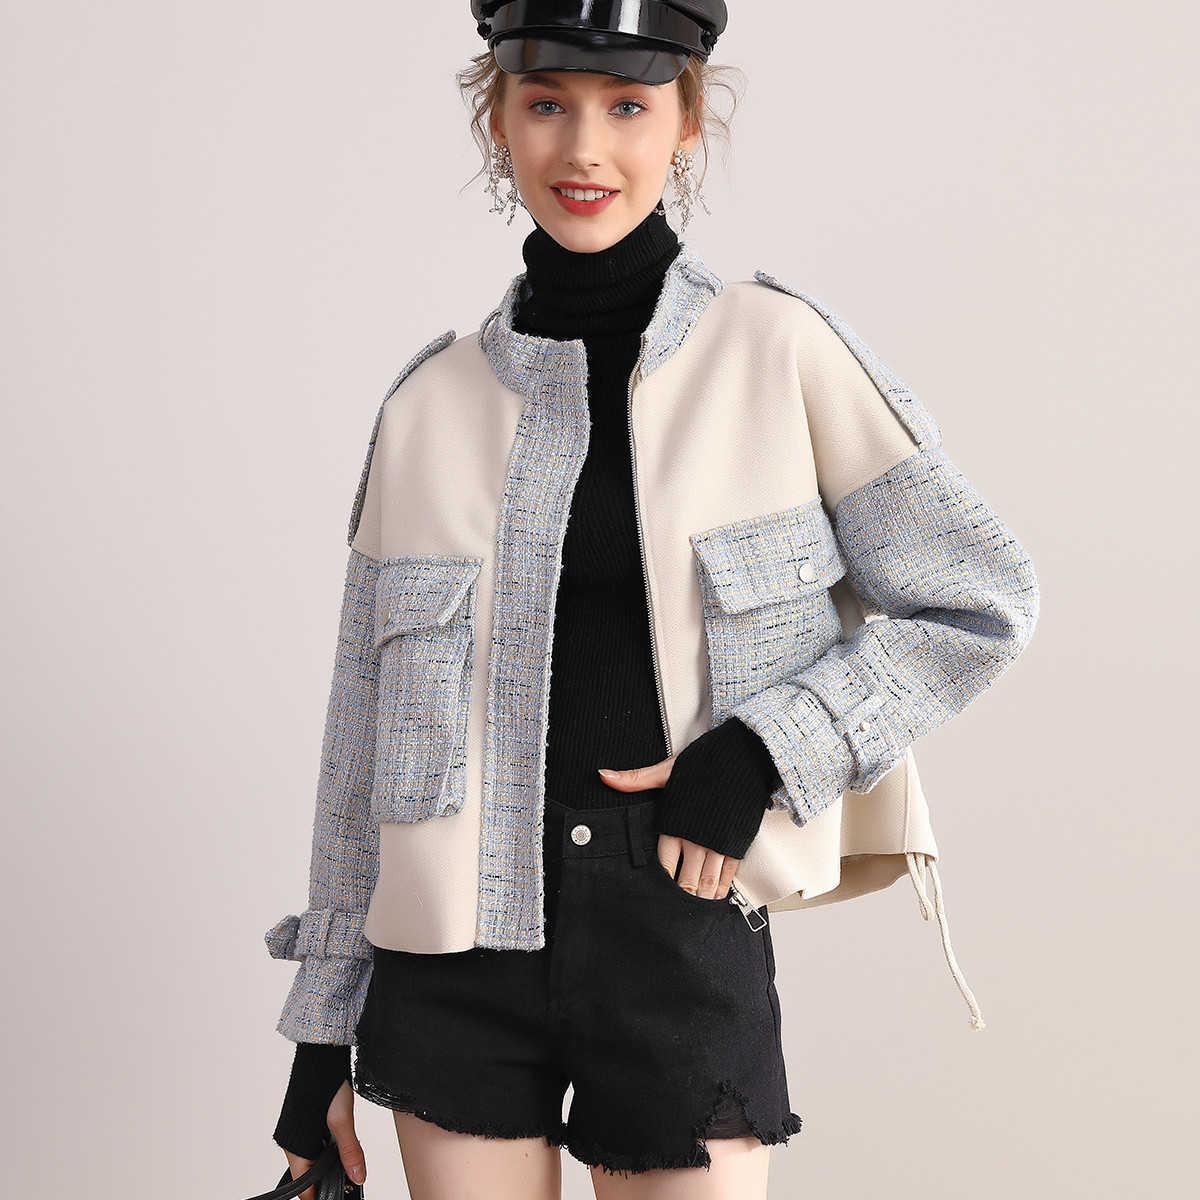 Gemanting戈蔓婷女装品牌打造美丽传奇 时间的考验铸造神话